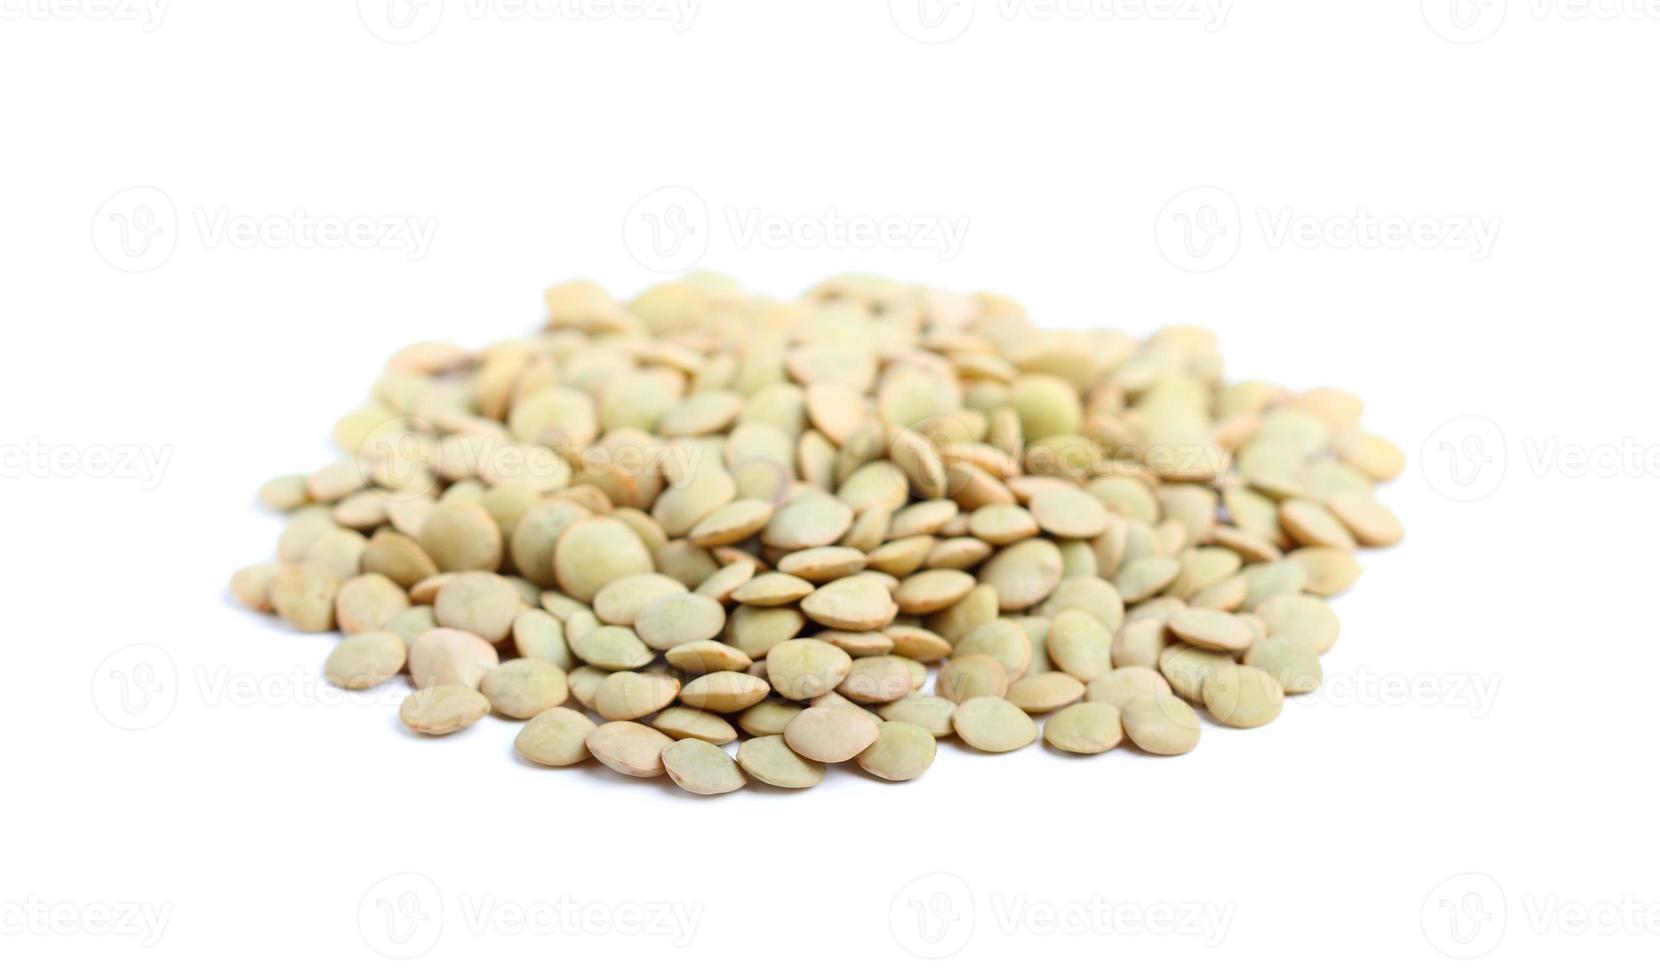 primo piano di lenticchie secche. foto